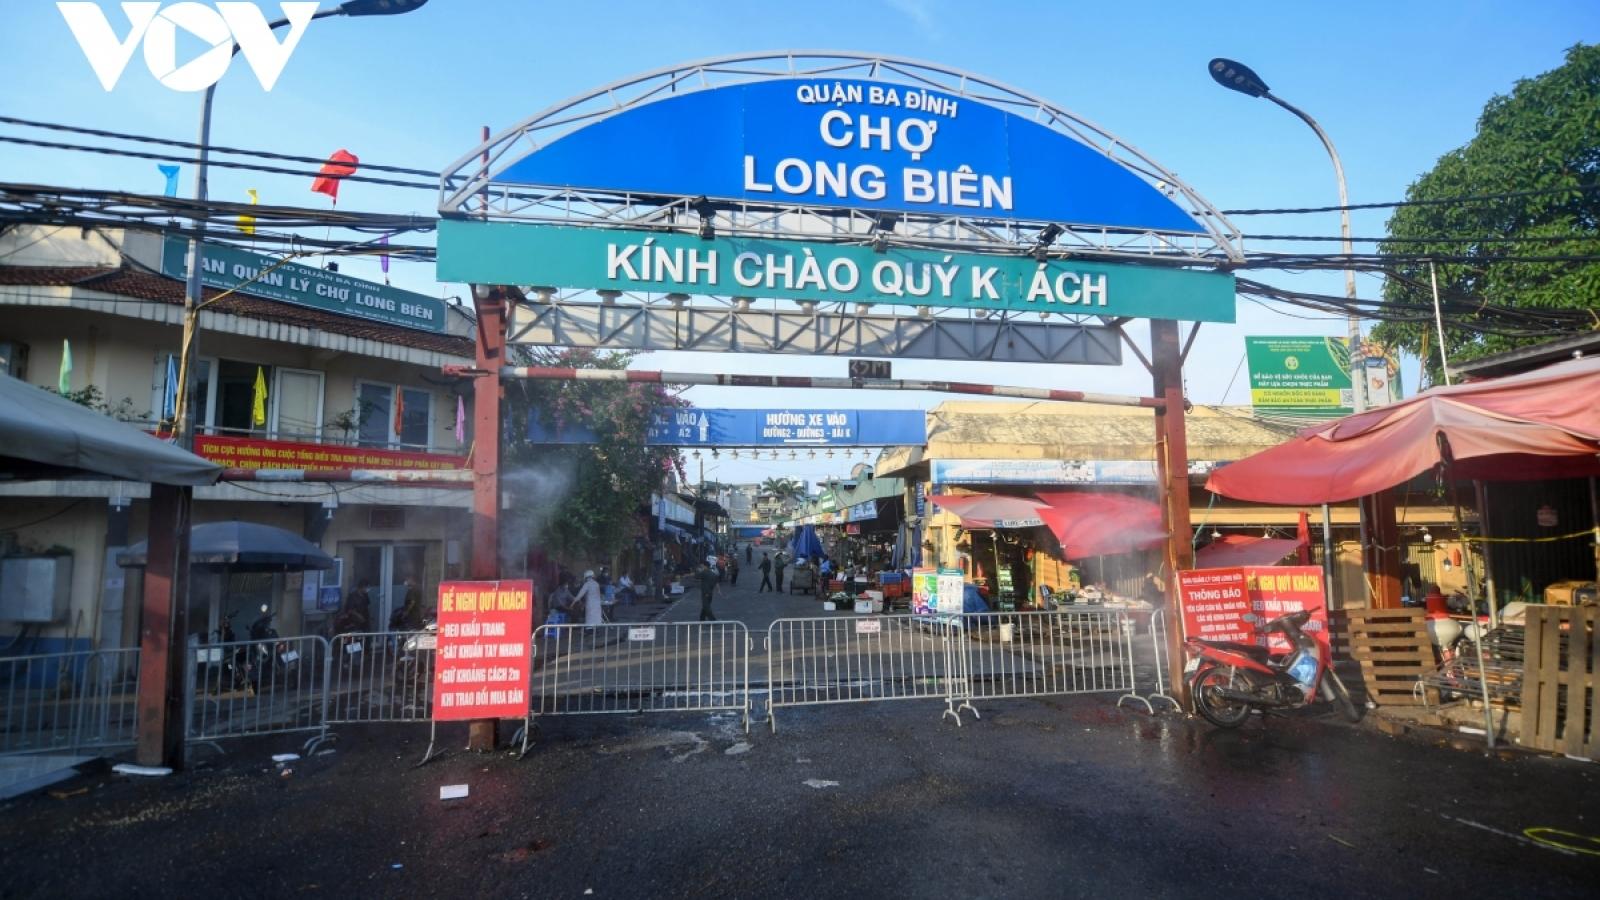 Hà Nội đảm bảo đủ hàng hóa cả khi chợ đầu mối tạm dừng hoạt động